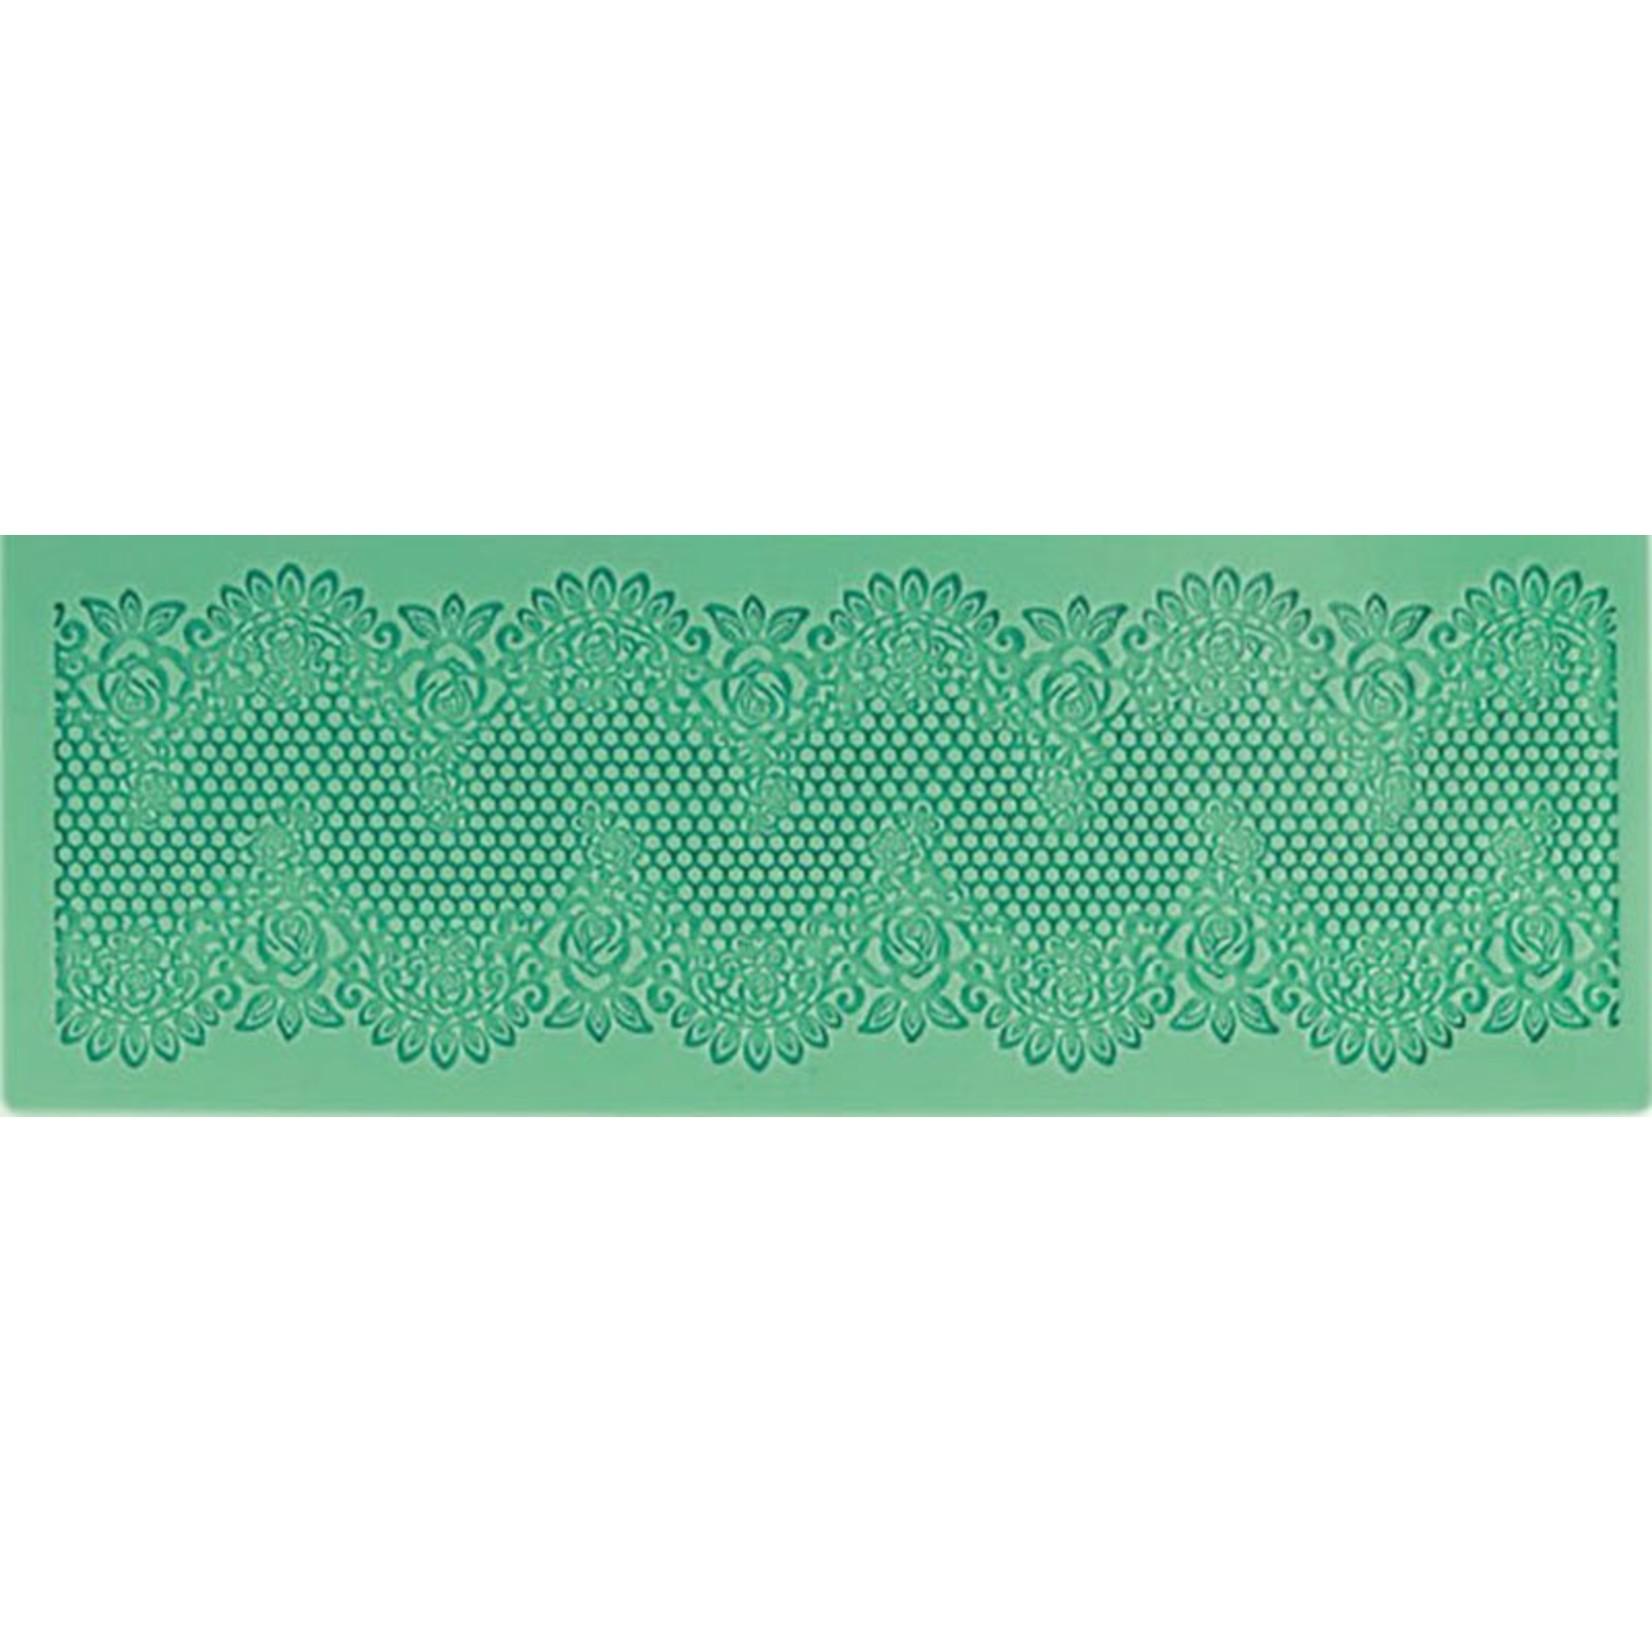 Pavoni Pavoni - Magic decor mats - SMD102